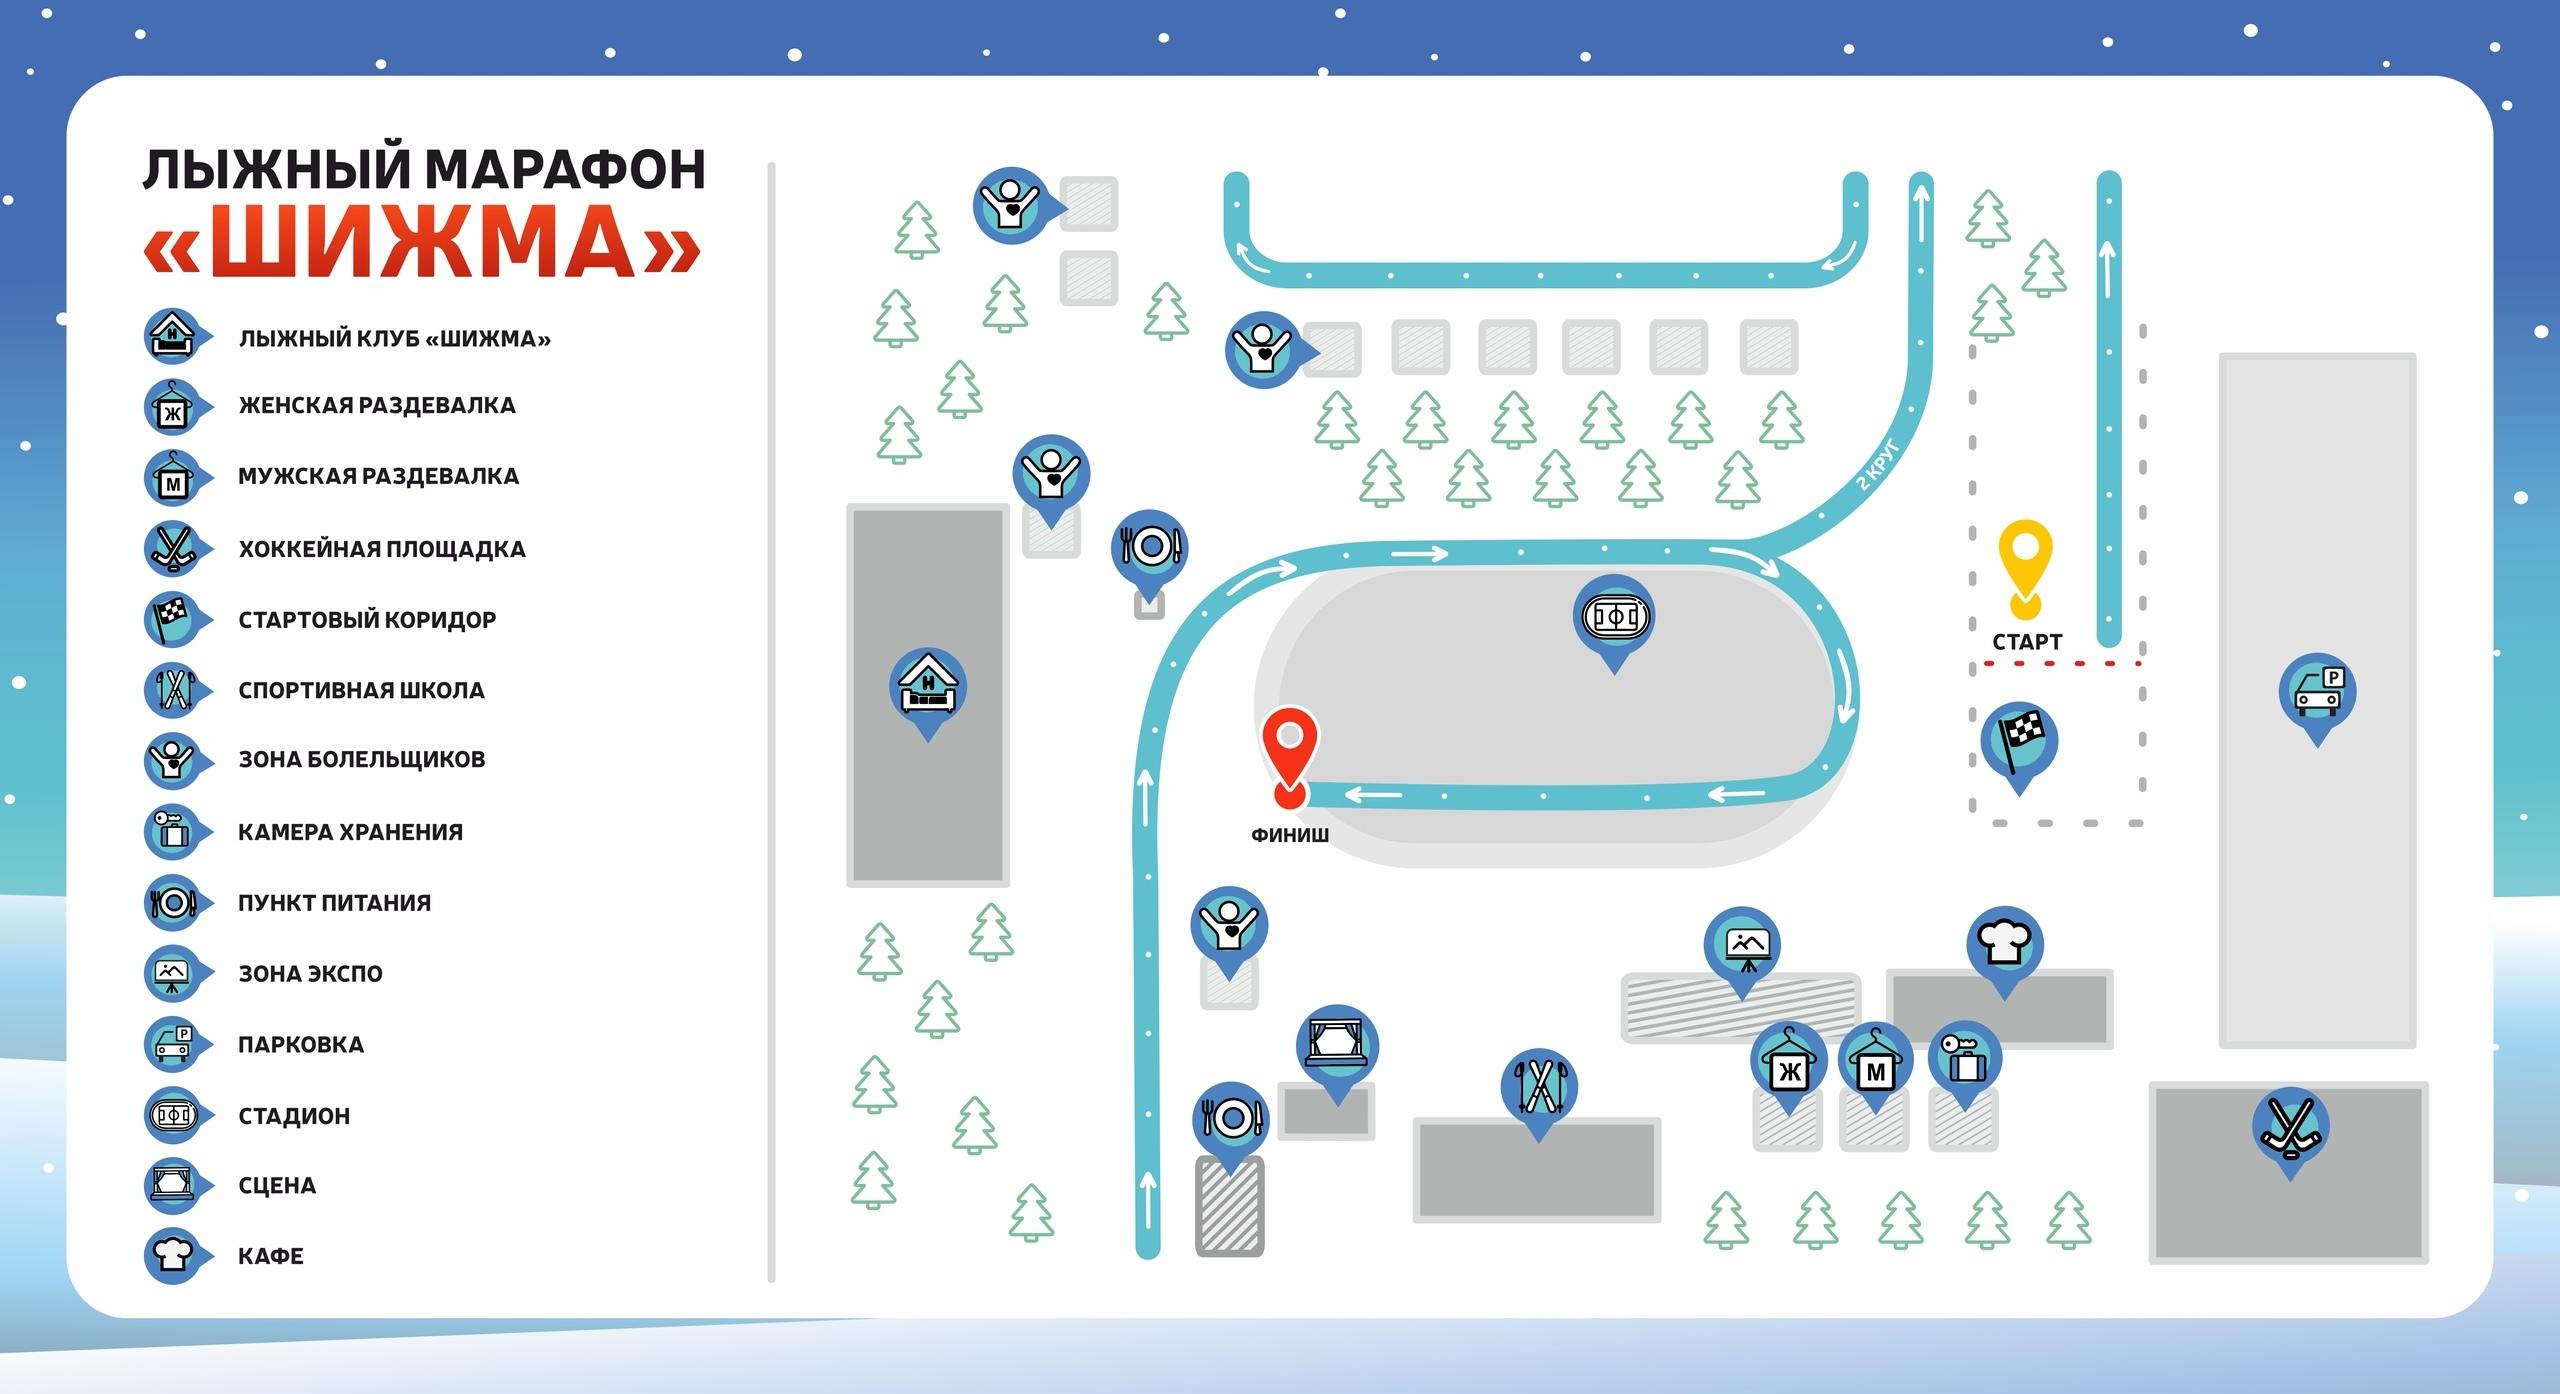 Карта-схема старта-финишного городка лыжного марафона Шижма 2020